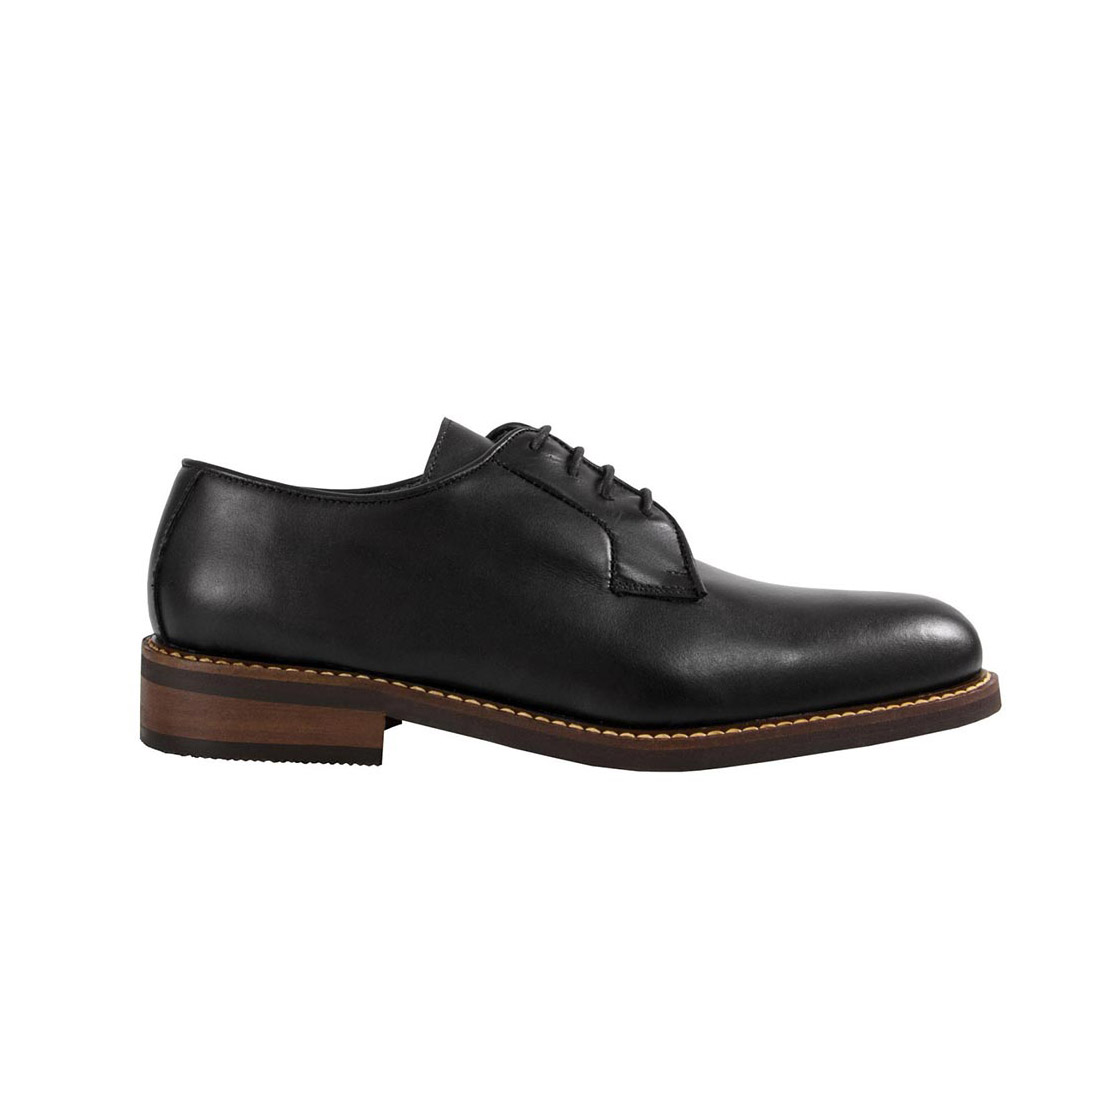 002-zapato-lateral-e1563487464296